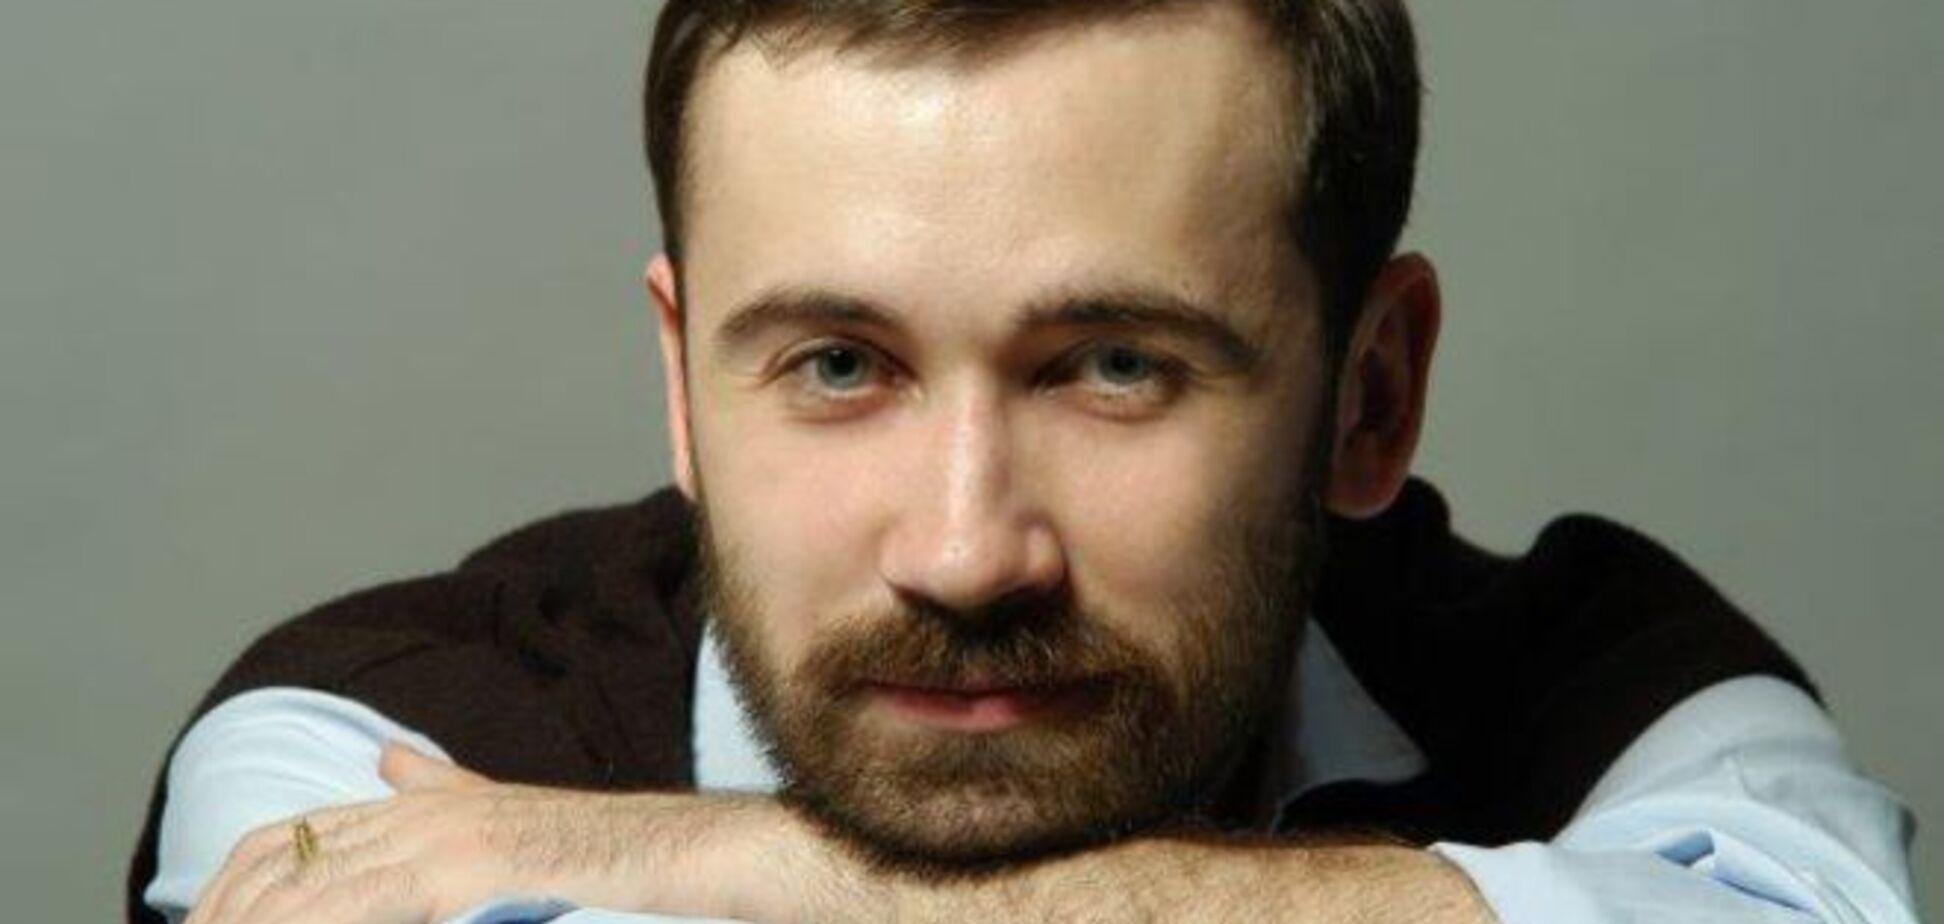 Единственный оппозиционер из Госдумы: новая власть проведет 'честный референдум' в Крыму